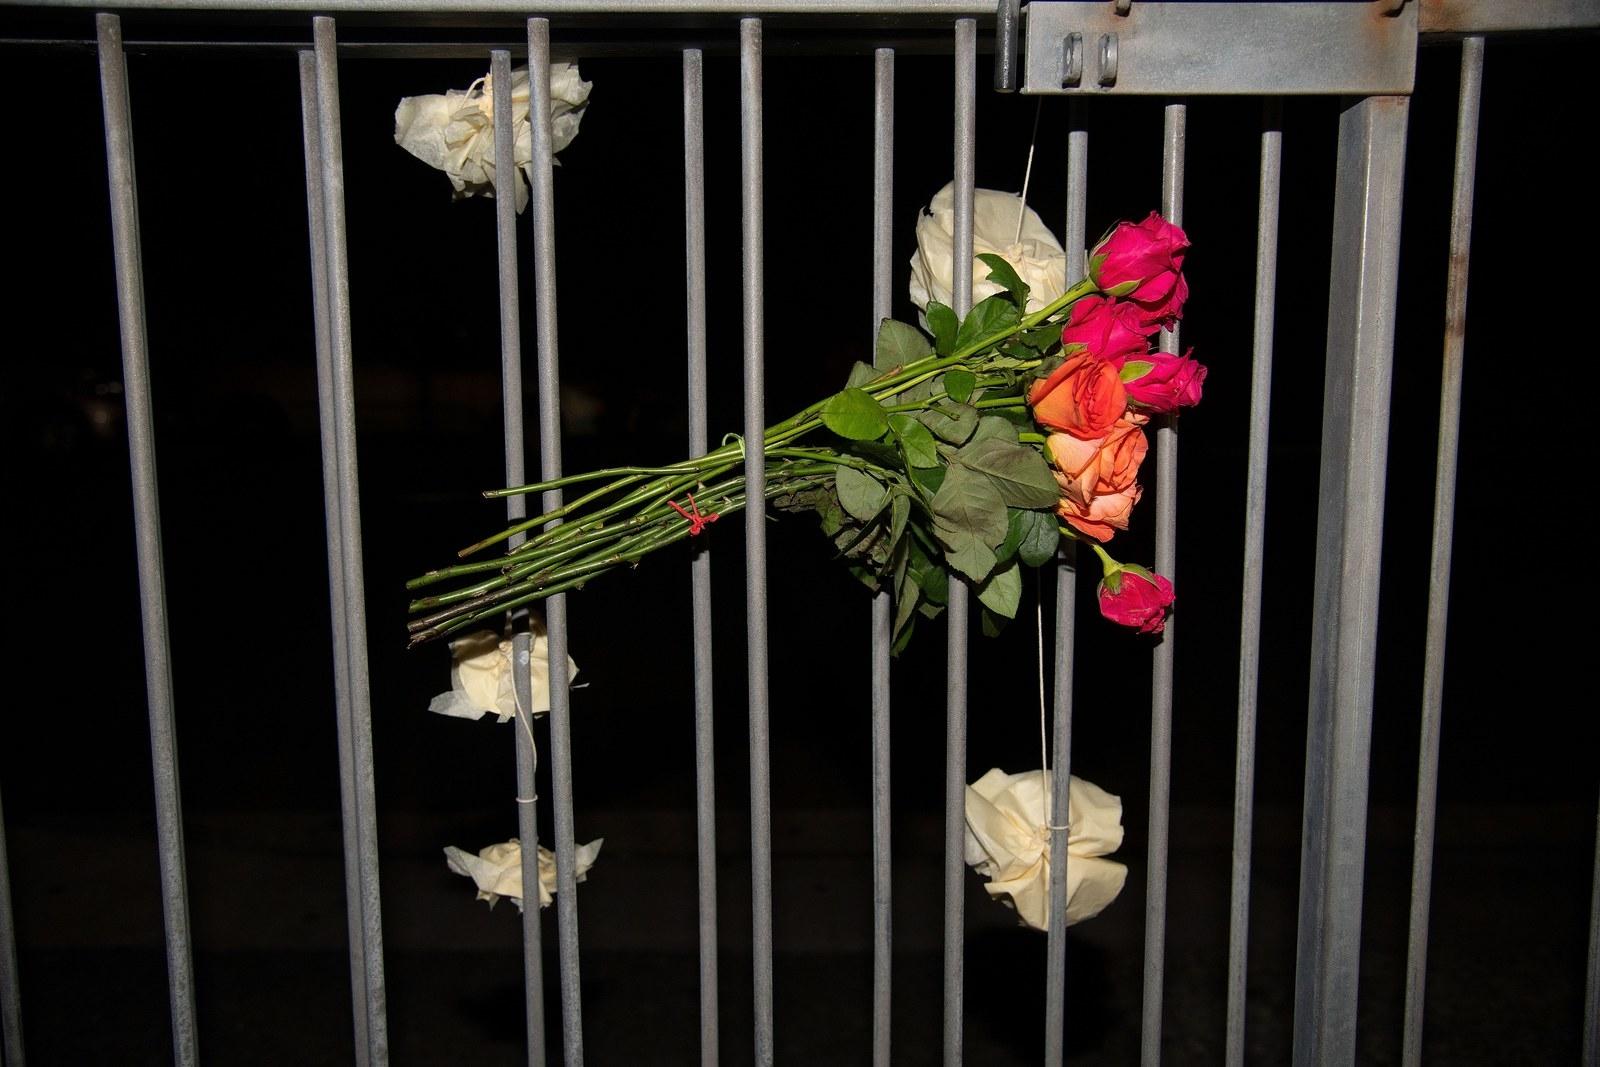 Pessoas do mundo todo estão deixando flores em mesquitas após atentado